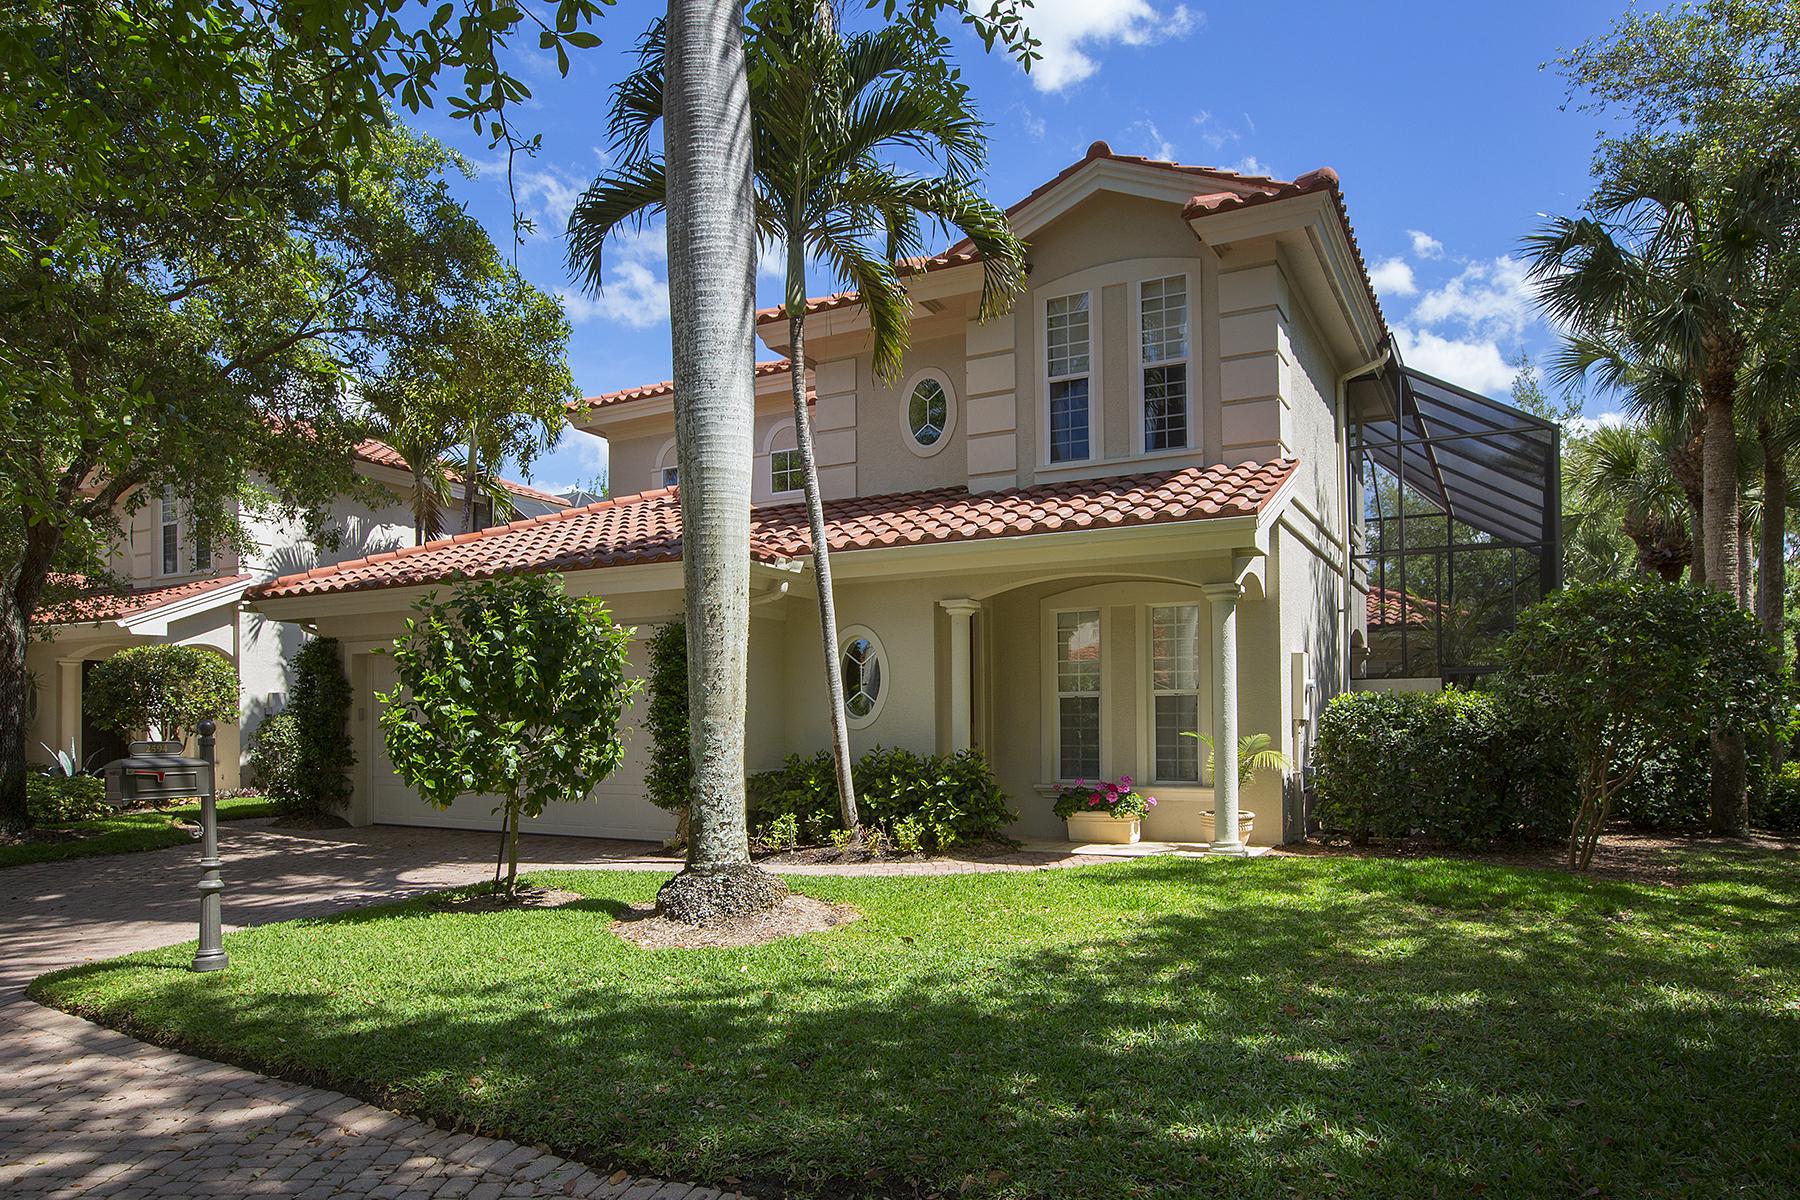 Villa per Vendita alle ore 2594 Lermitage Ln , Naples, FL 34105 2594 Lermitage Ln Naples, Florida, 34105 Stati Uniti